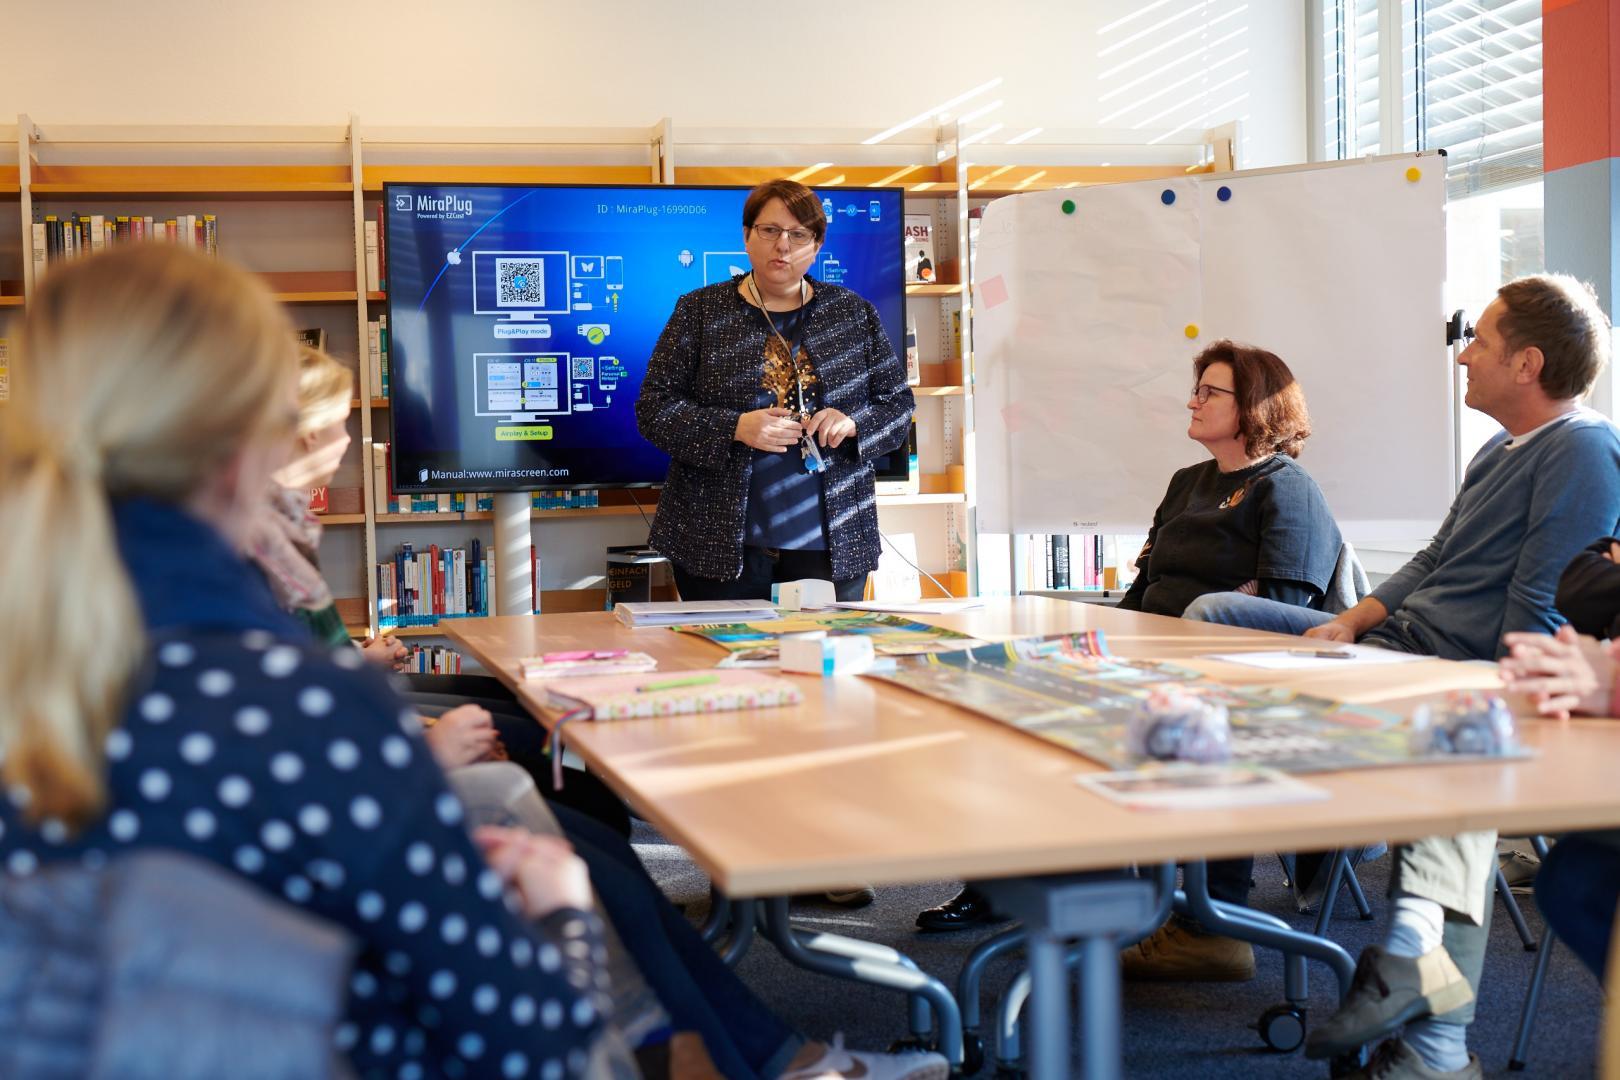 Präsentation in einer Bibliothek